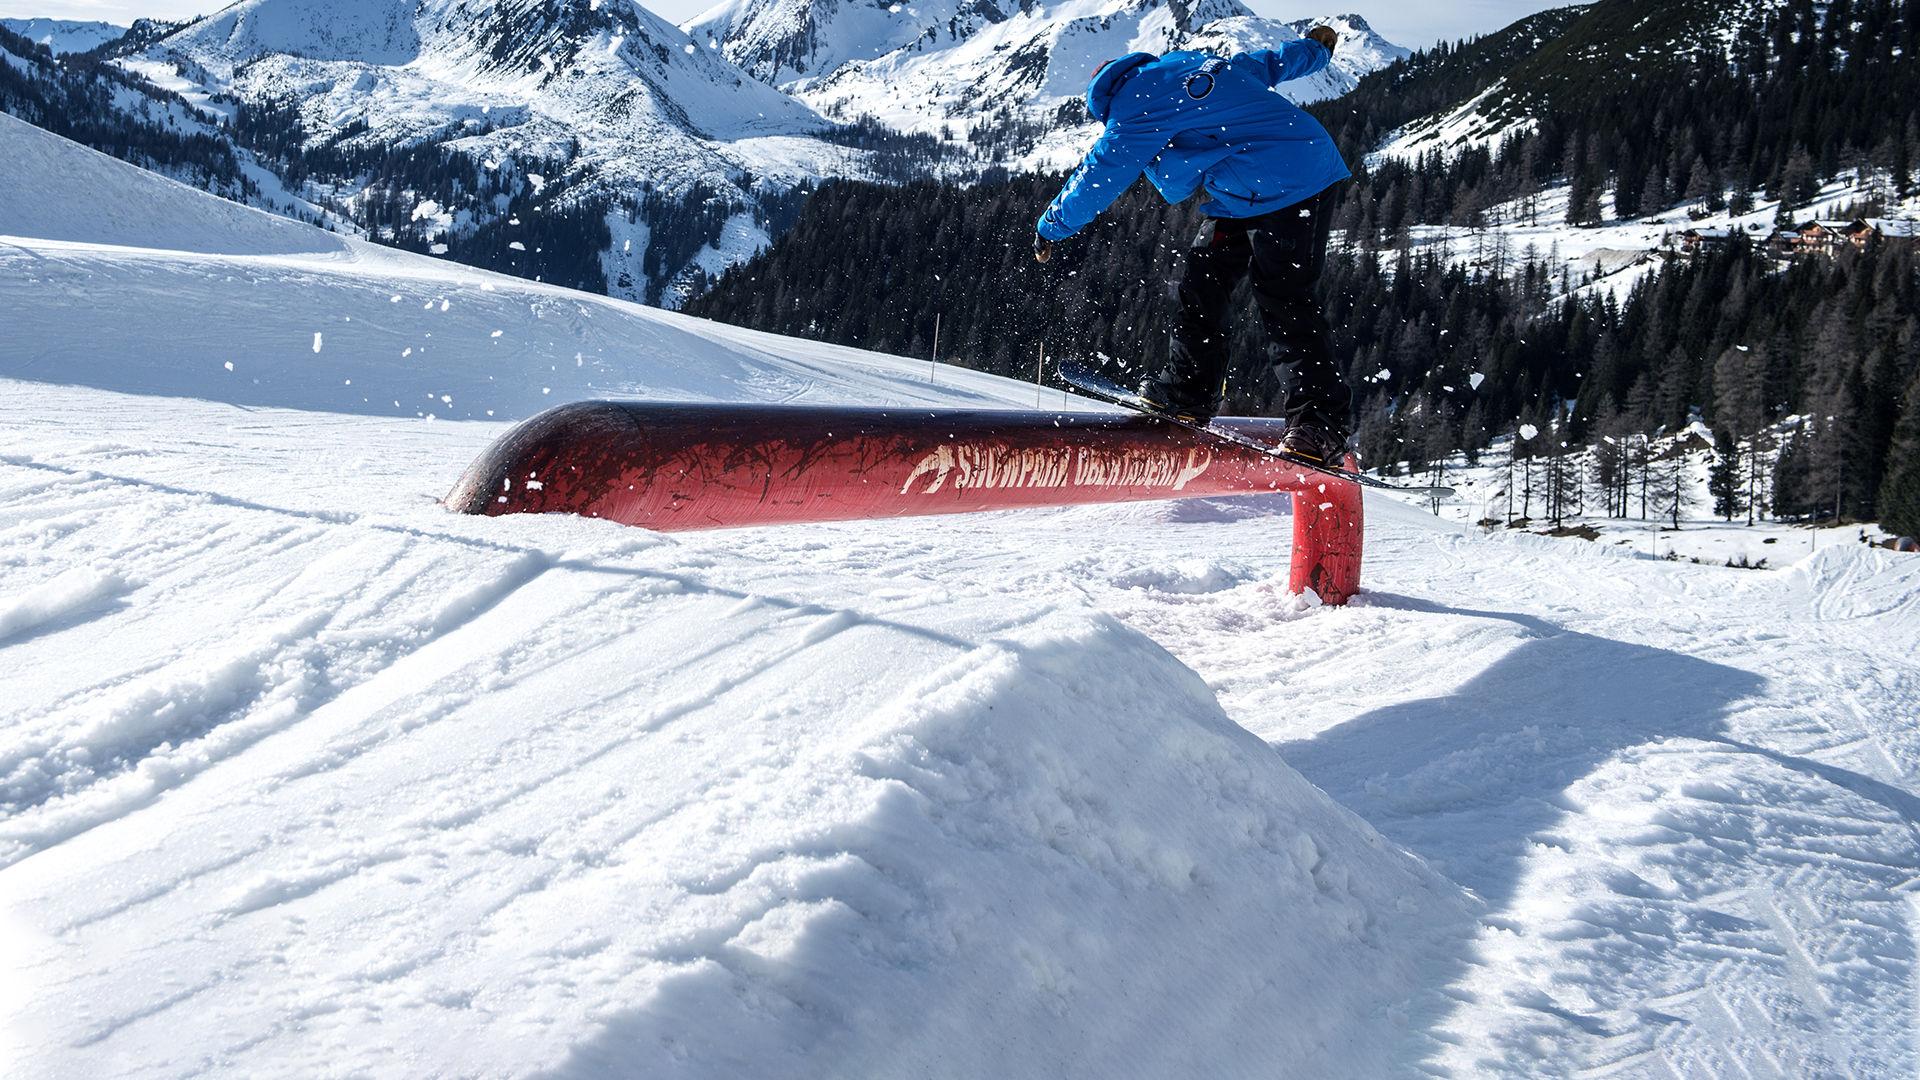 Snowboard School Blue Tomato